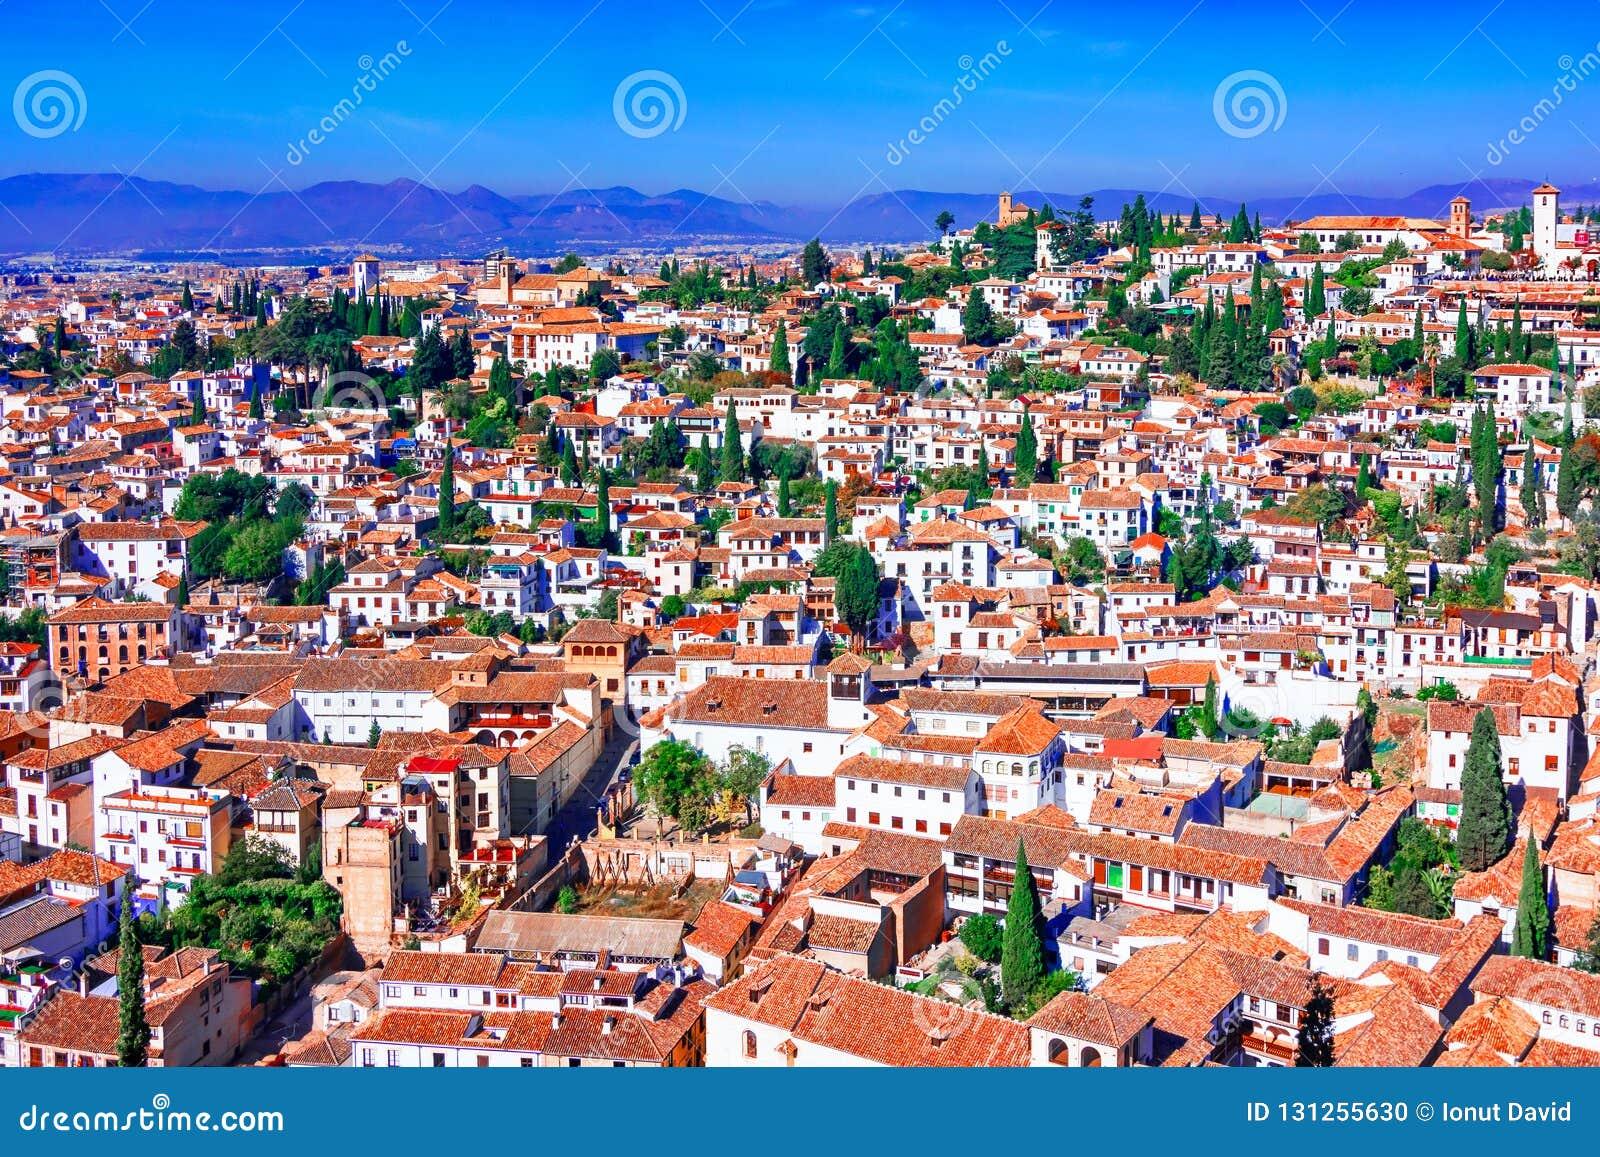 Granada, Spain: Albaicin Moorish Medieval Quarter, Traditional